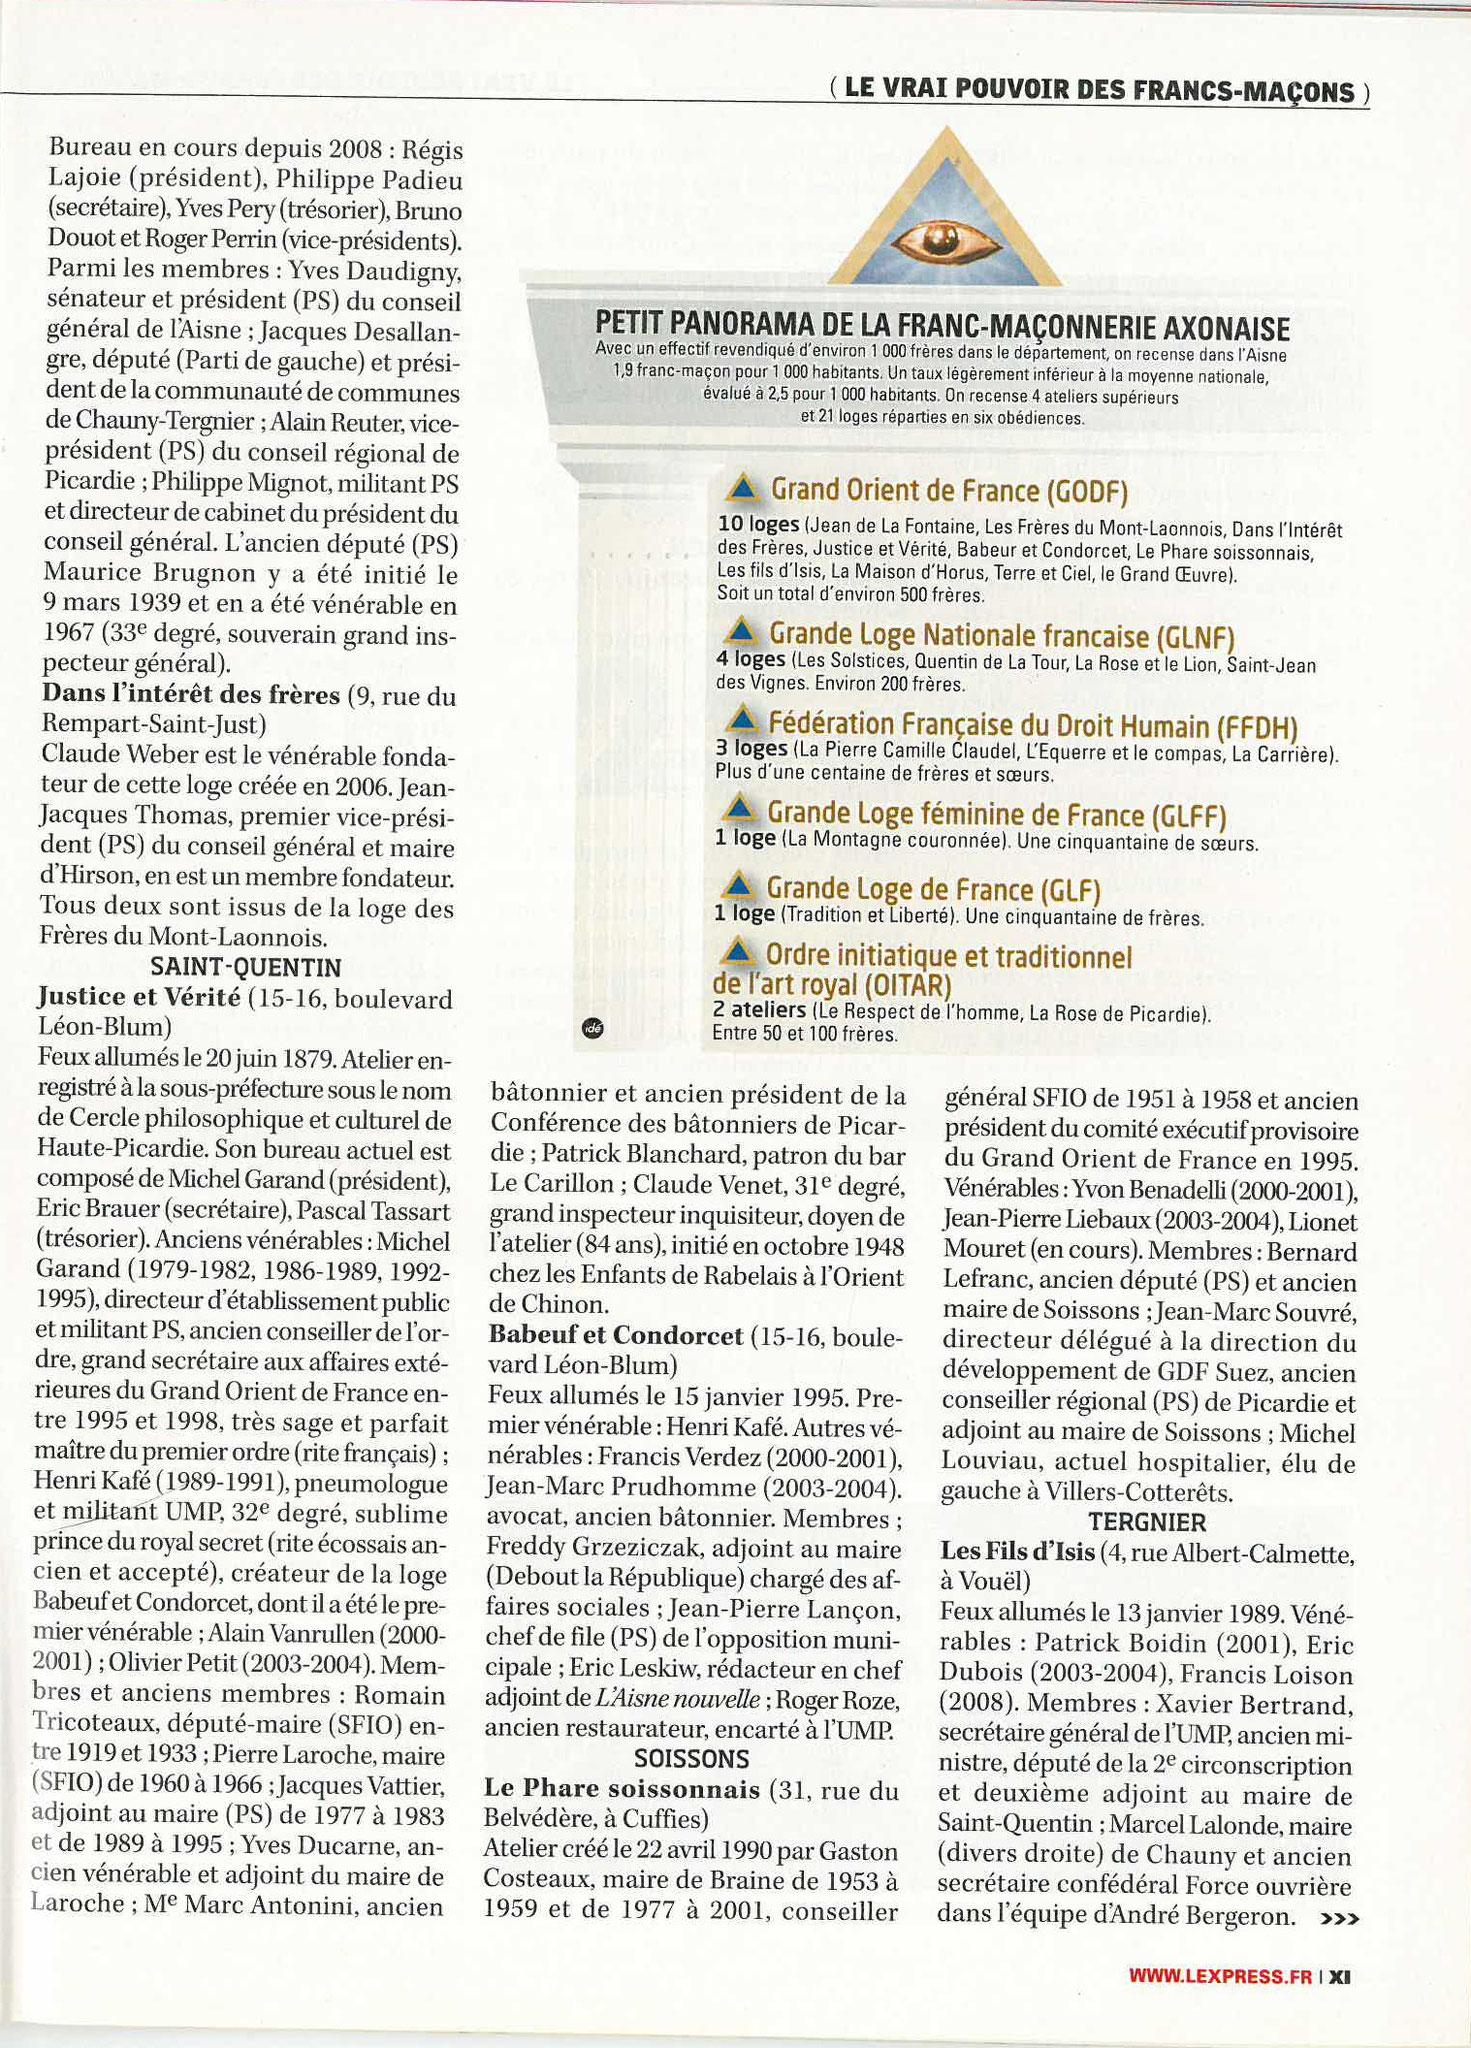 L'Express N°3067 Semaine du 15 au 21 Avril 2010 #StopCorruptionStop #StopViolencesStop #StopMafiaStop www.jenesuispasunchien.fr www.jesuisvictime.fr www.jesuispatrick.fr NE RENONCEZ JAMAIS LE PAIN & LA LIBERTE POUSSENT SUR LA MÊME TIGE #StopManipulations